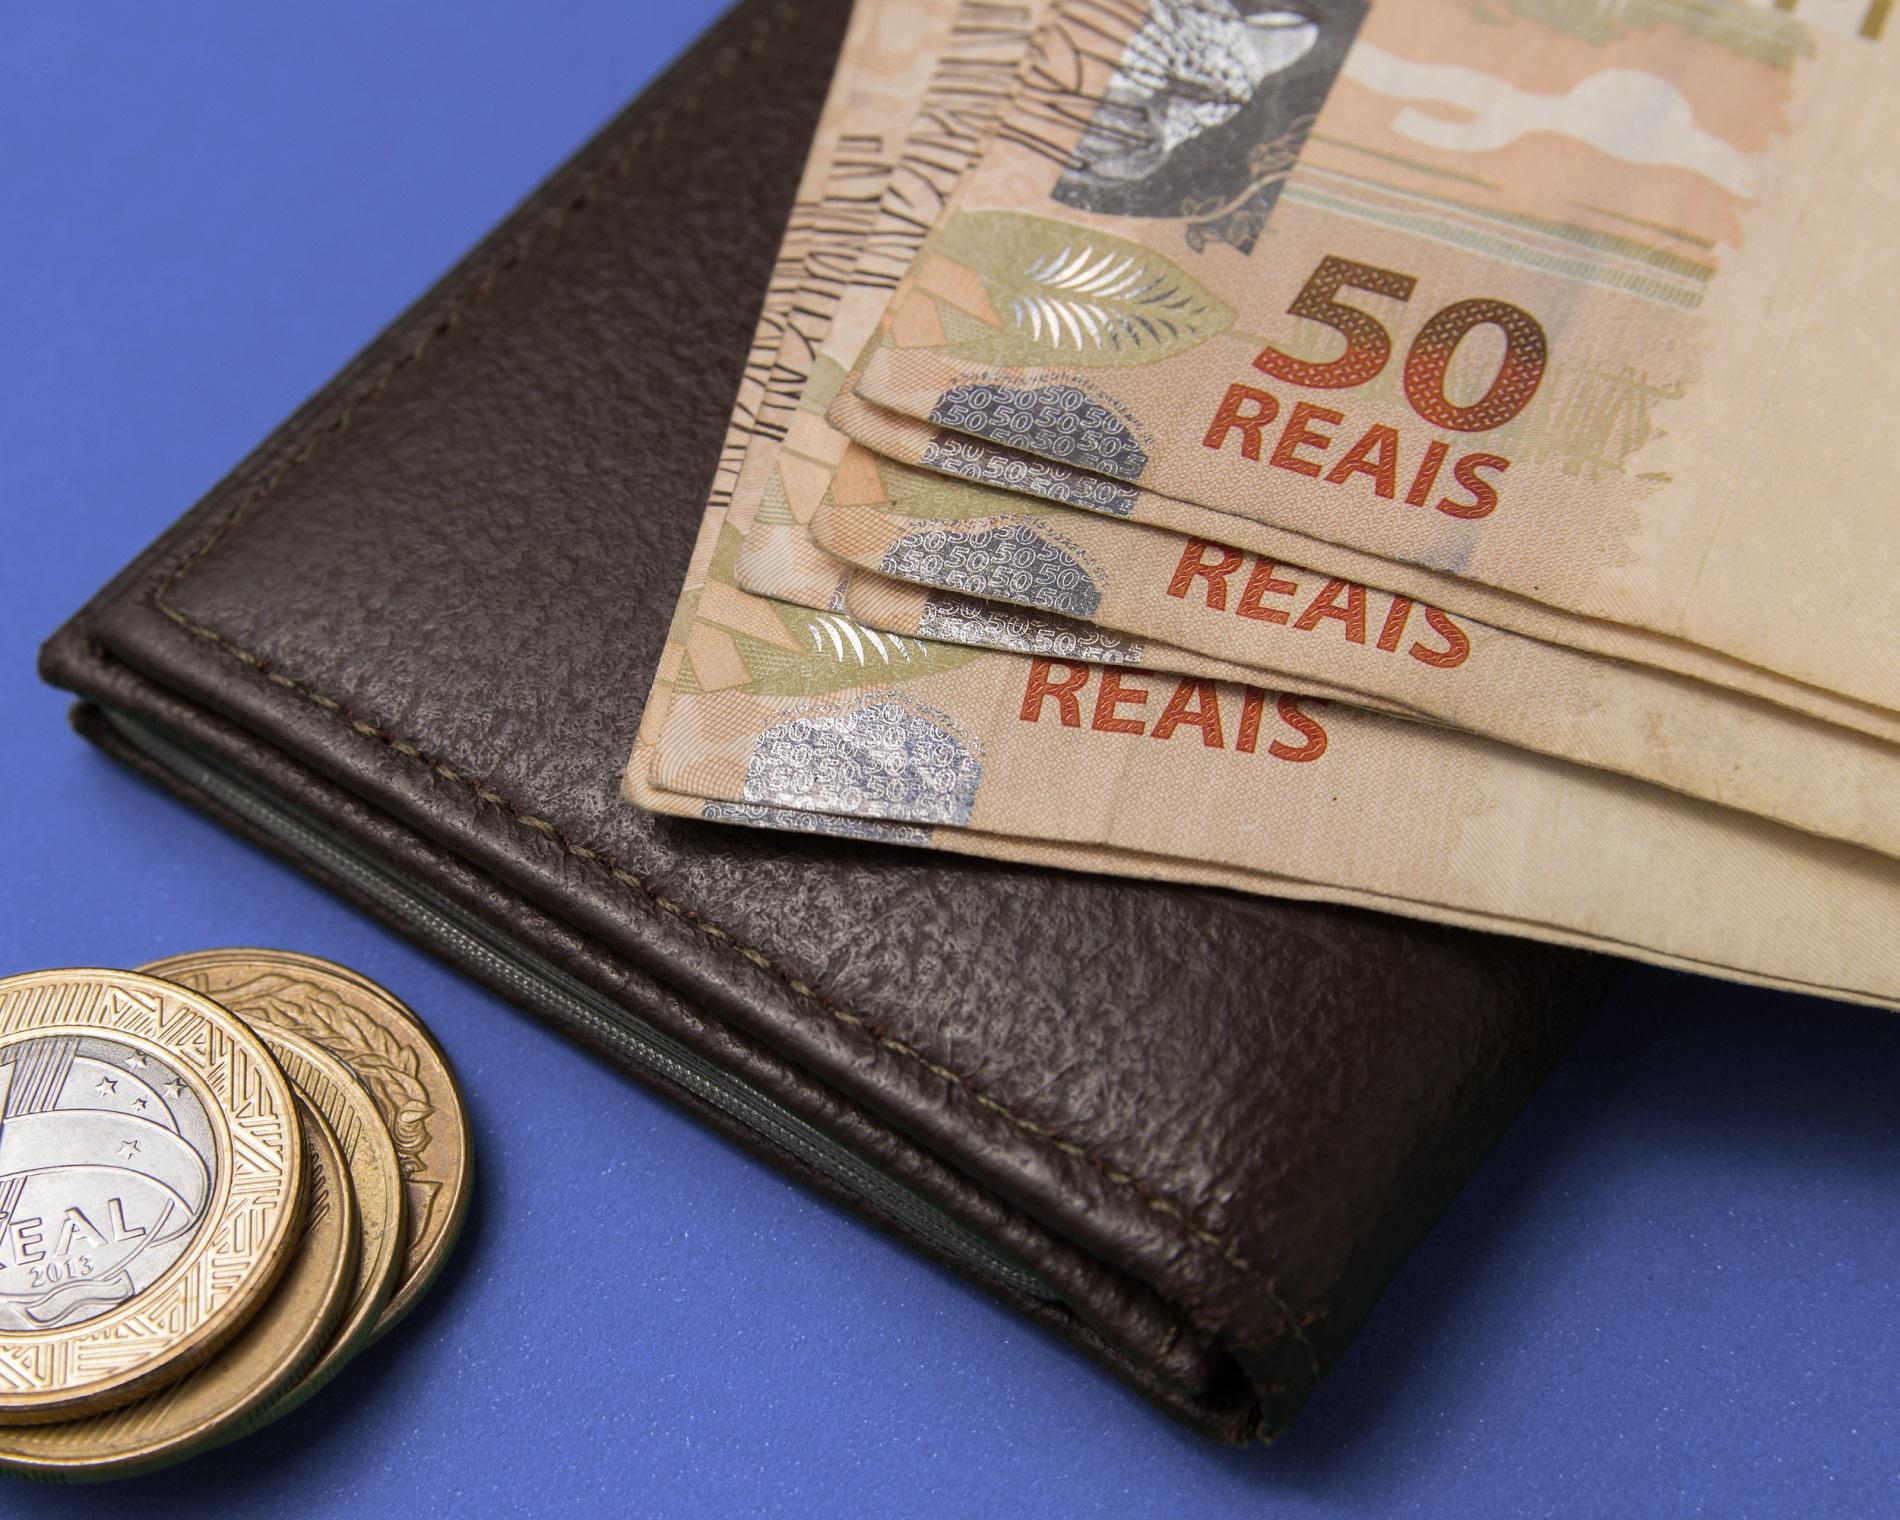 Pagamento em dinheiro é preferência nacional